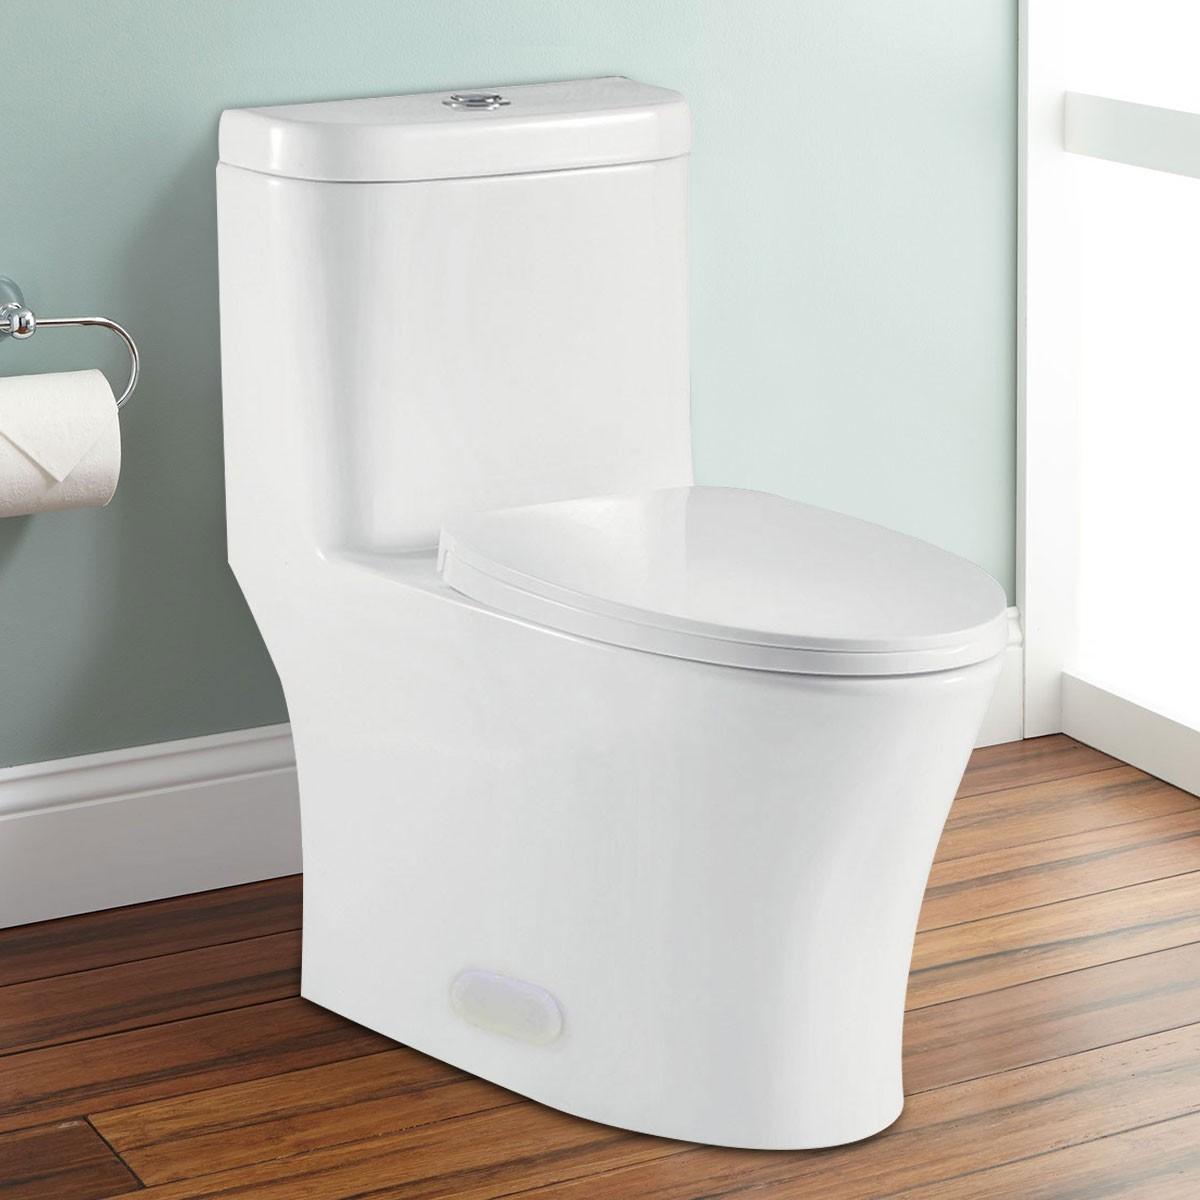 Dual Flush Siphonic One-piece Toilet (DK-ZBQ-12243)